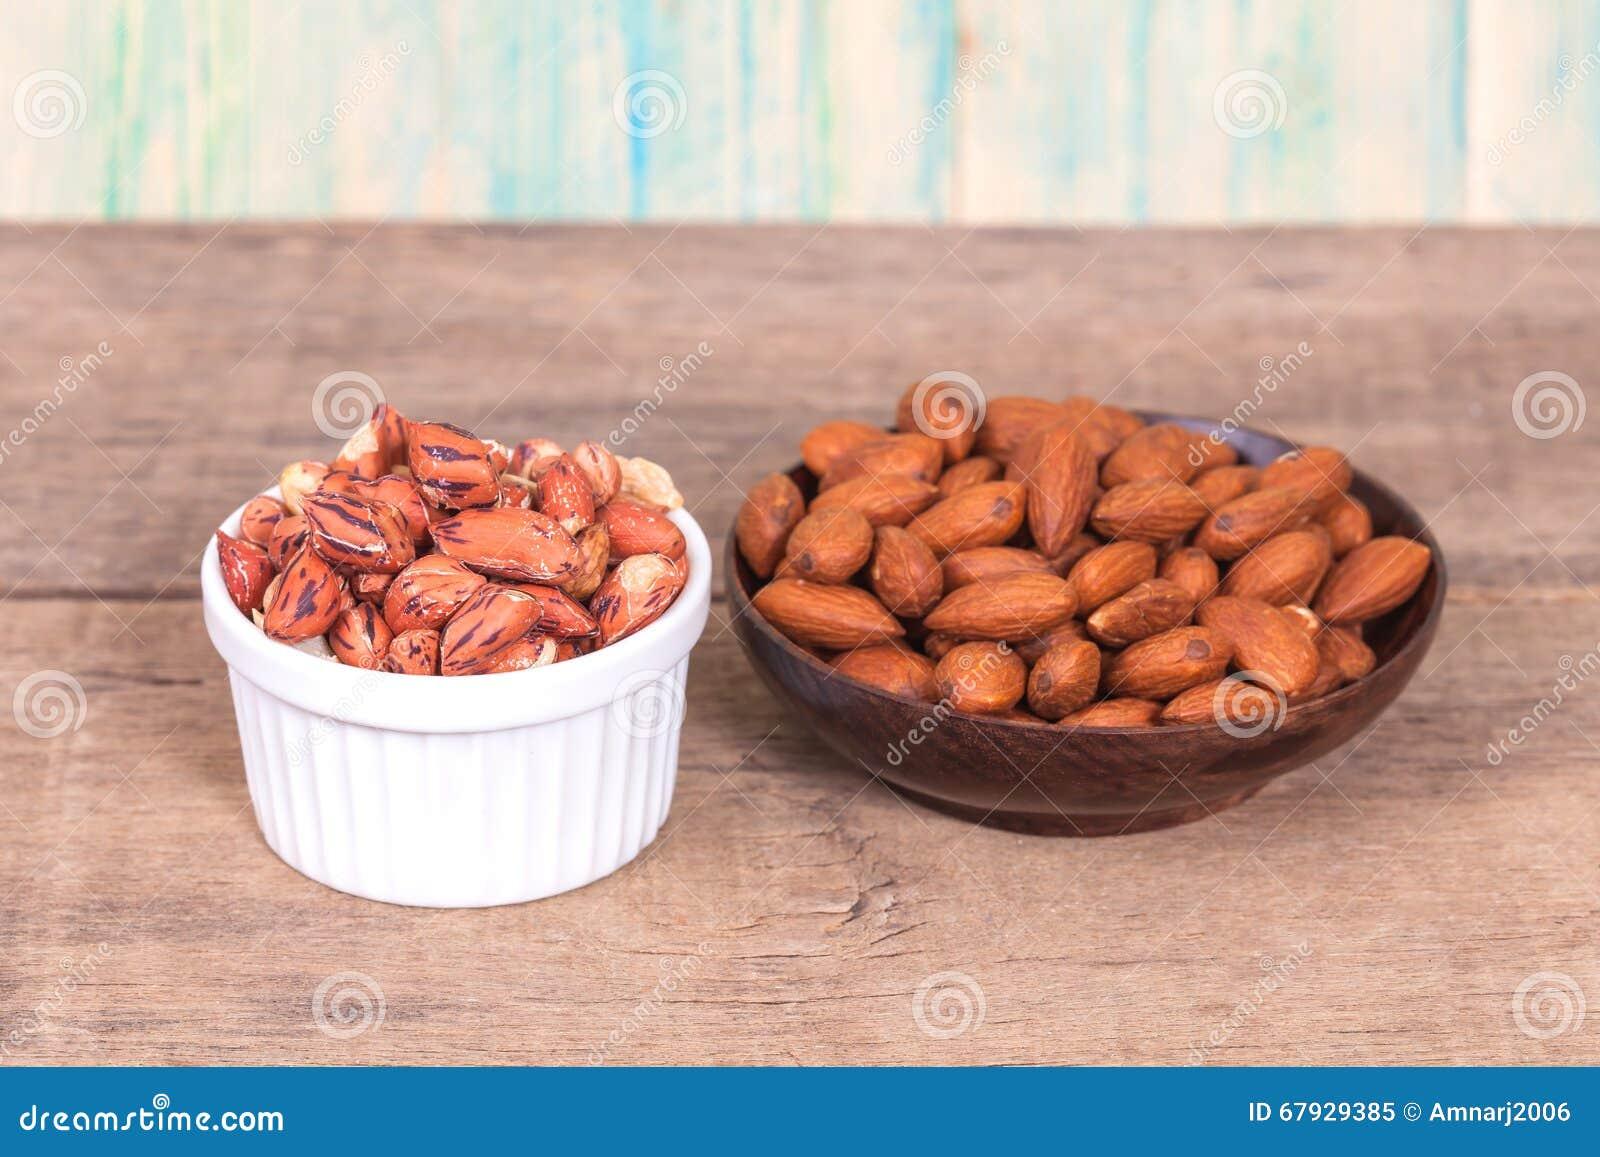 老虎花生和杏仁在碗